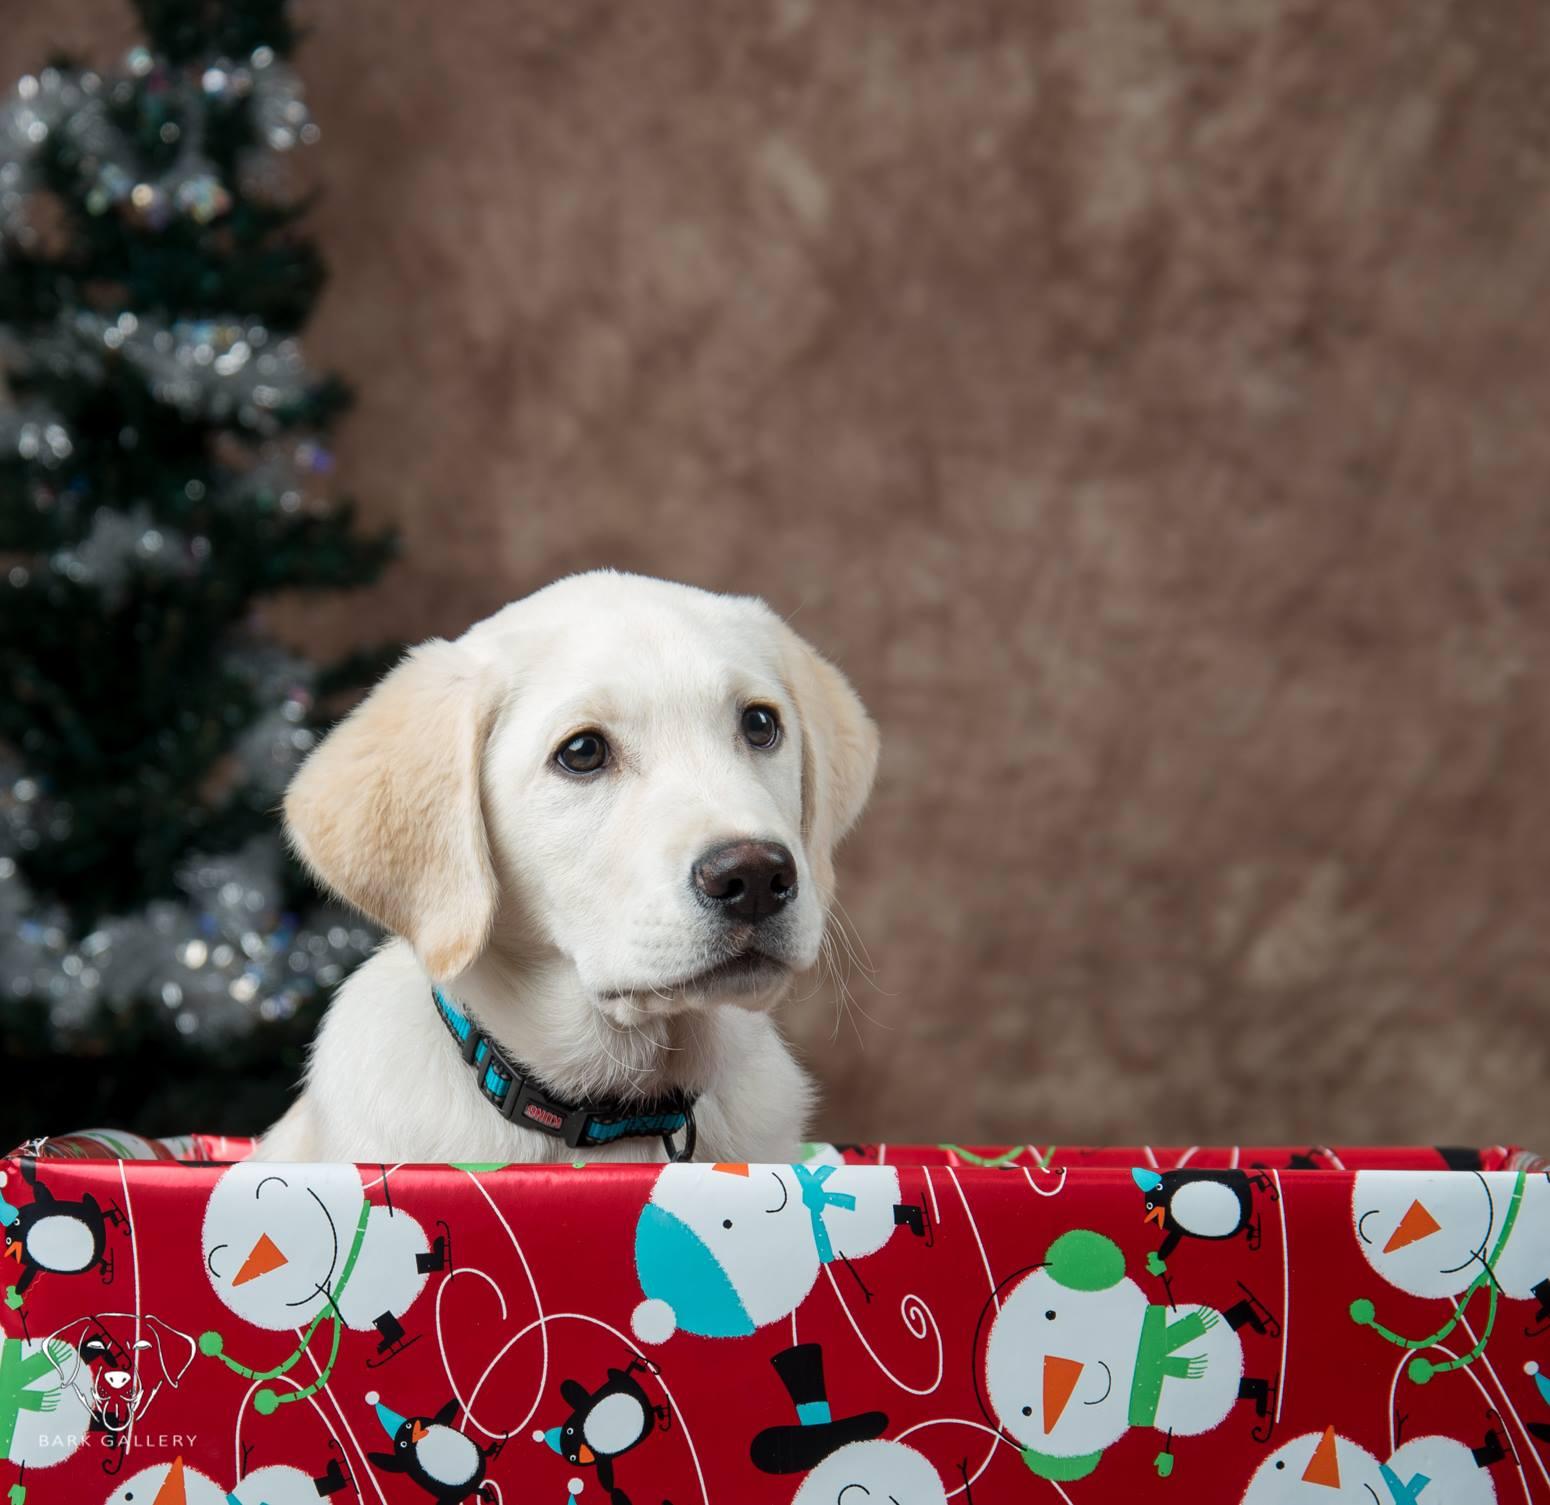 labrador-yellow-puppy